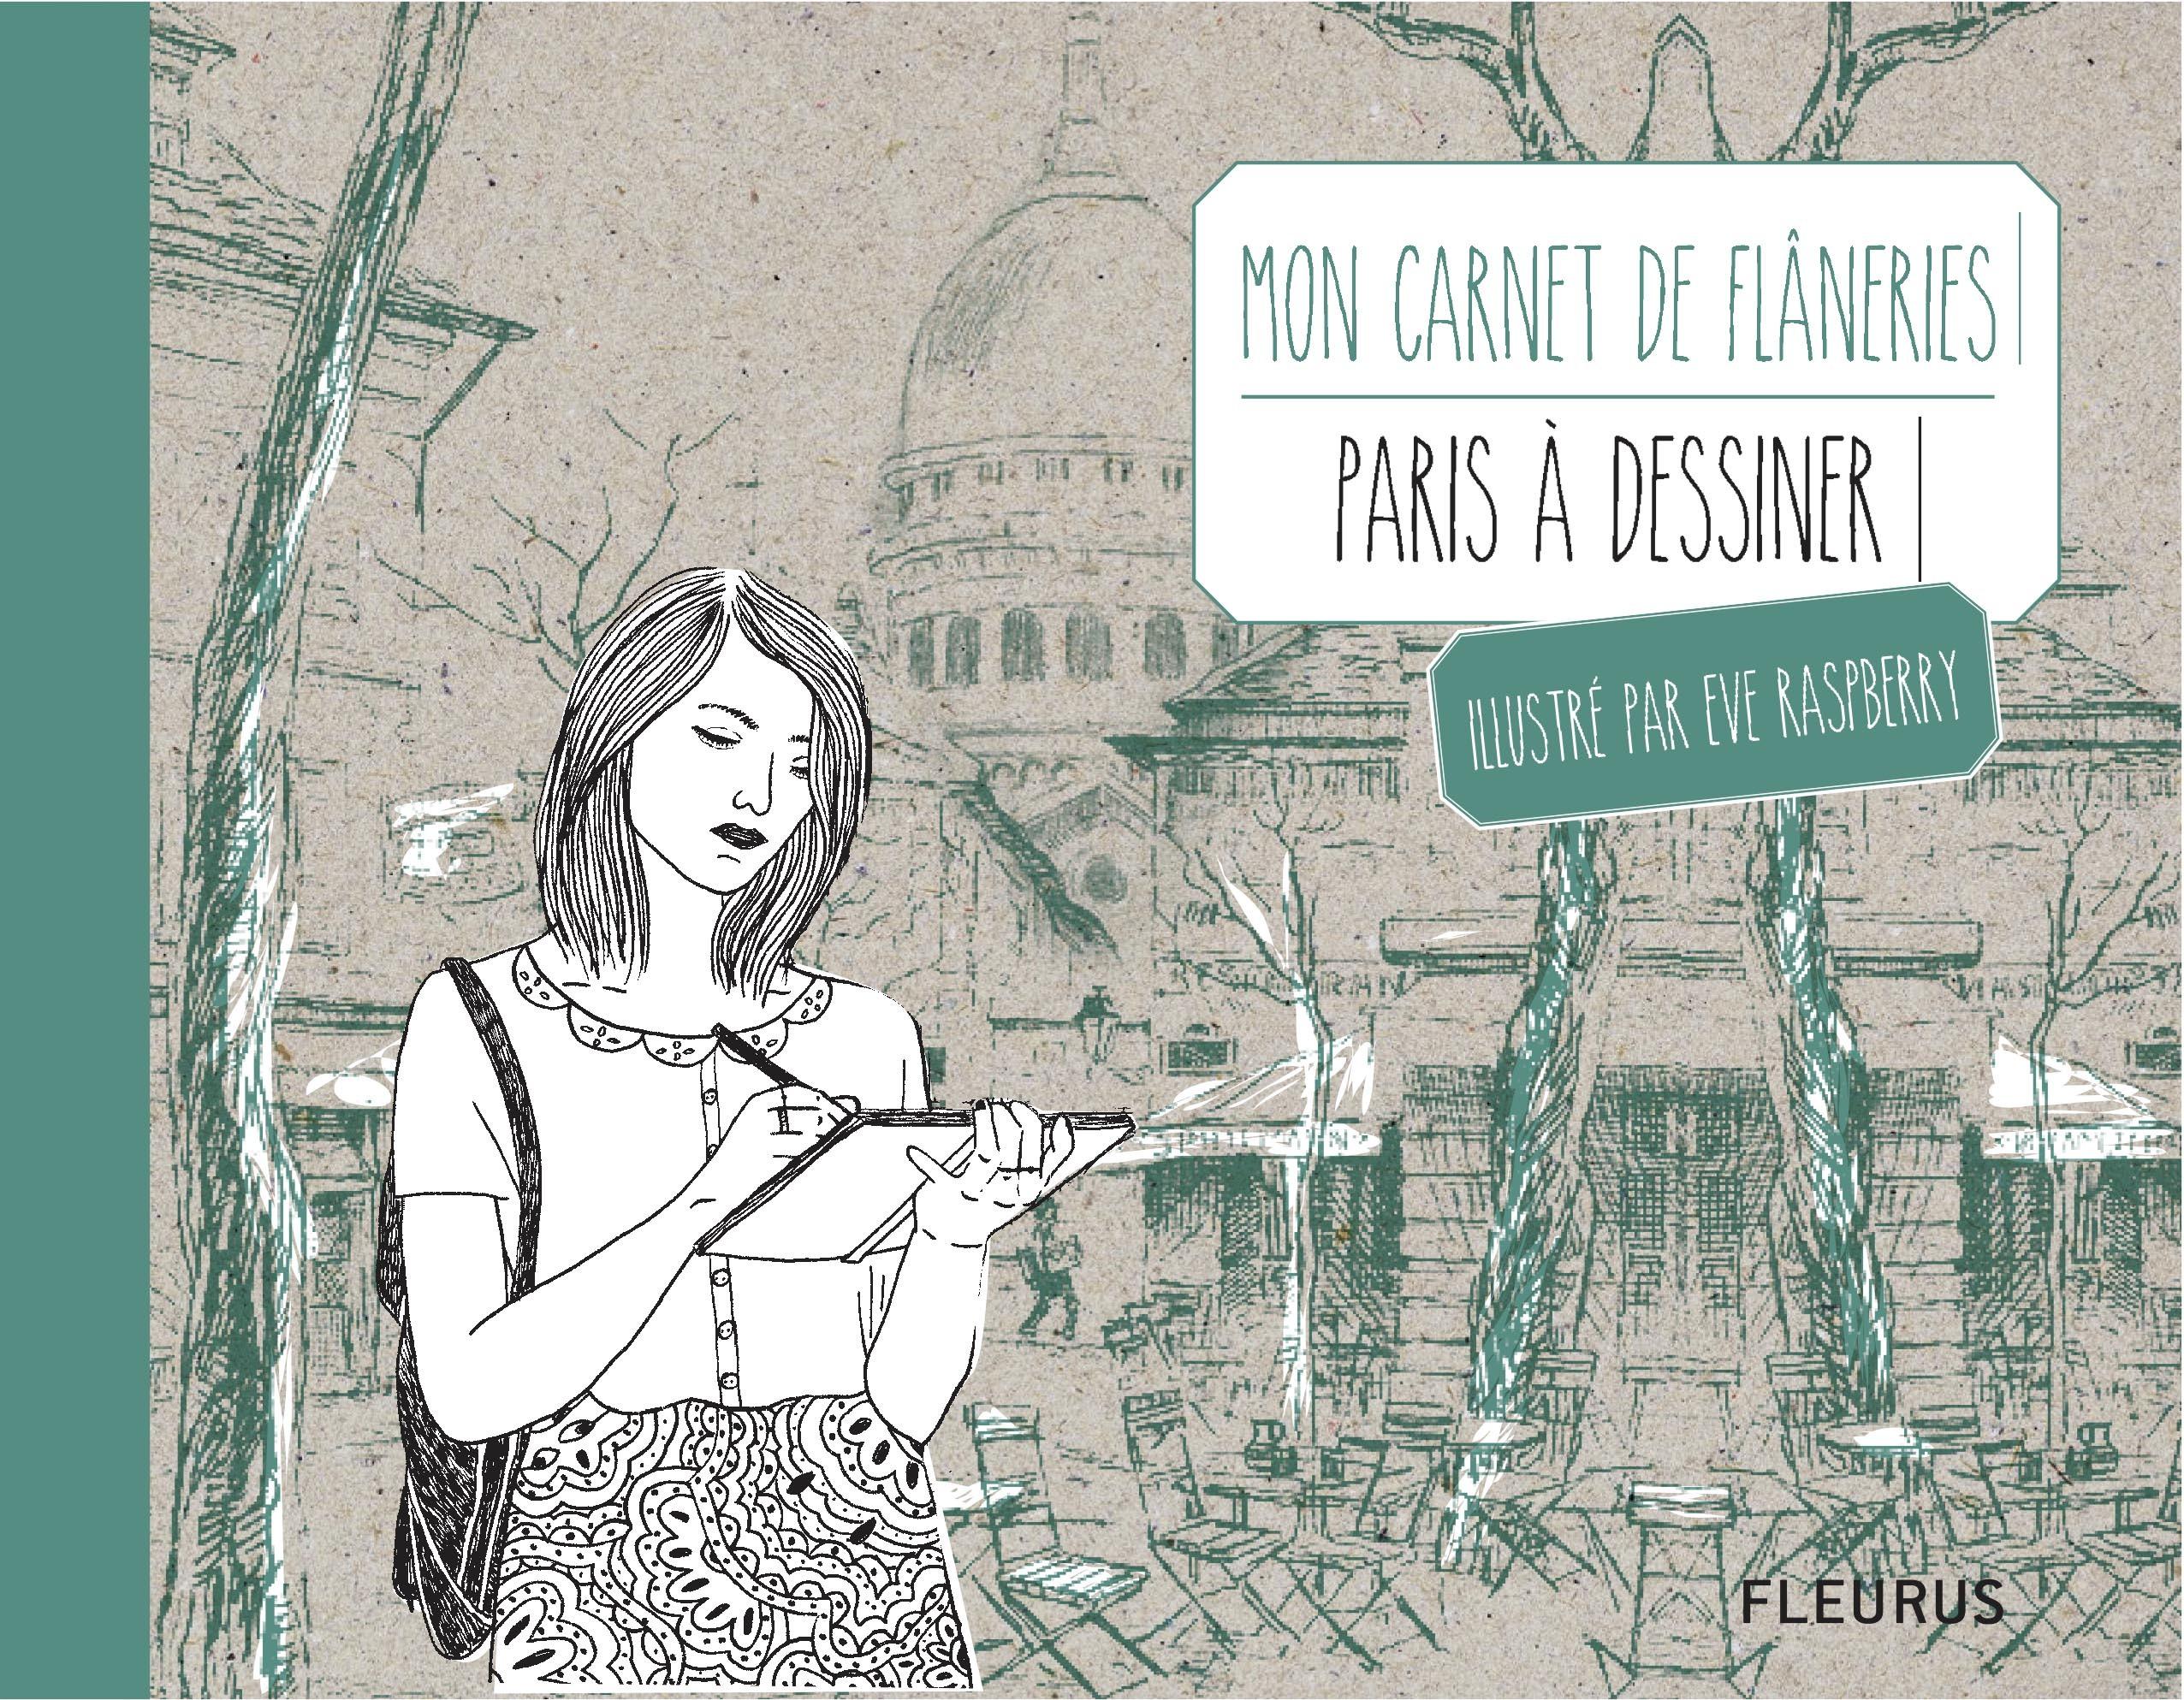 CARNET DE DESSIN FLANERIE A PARIS